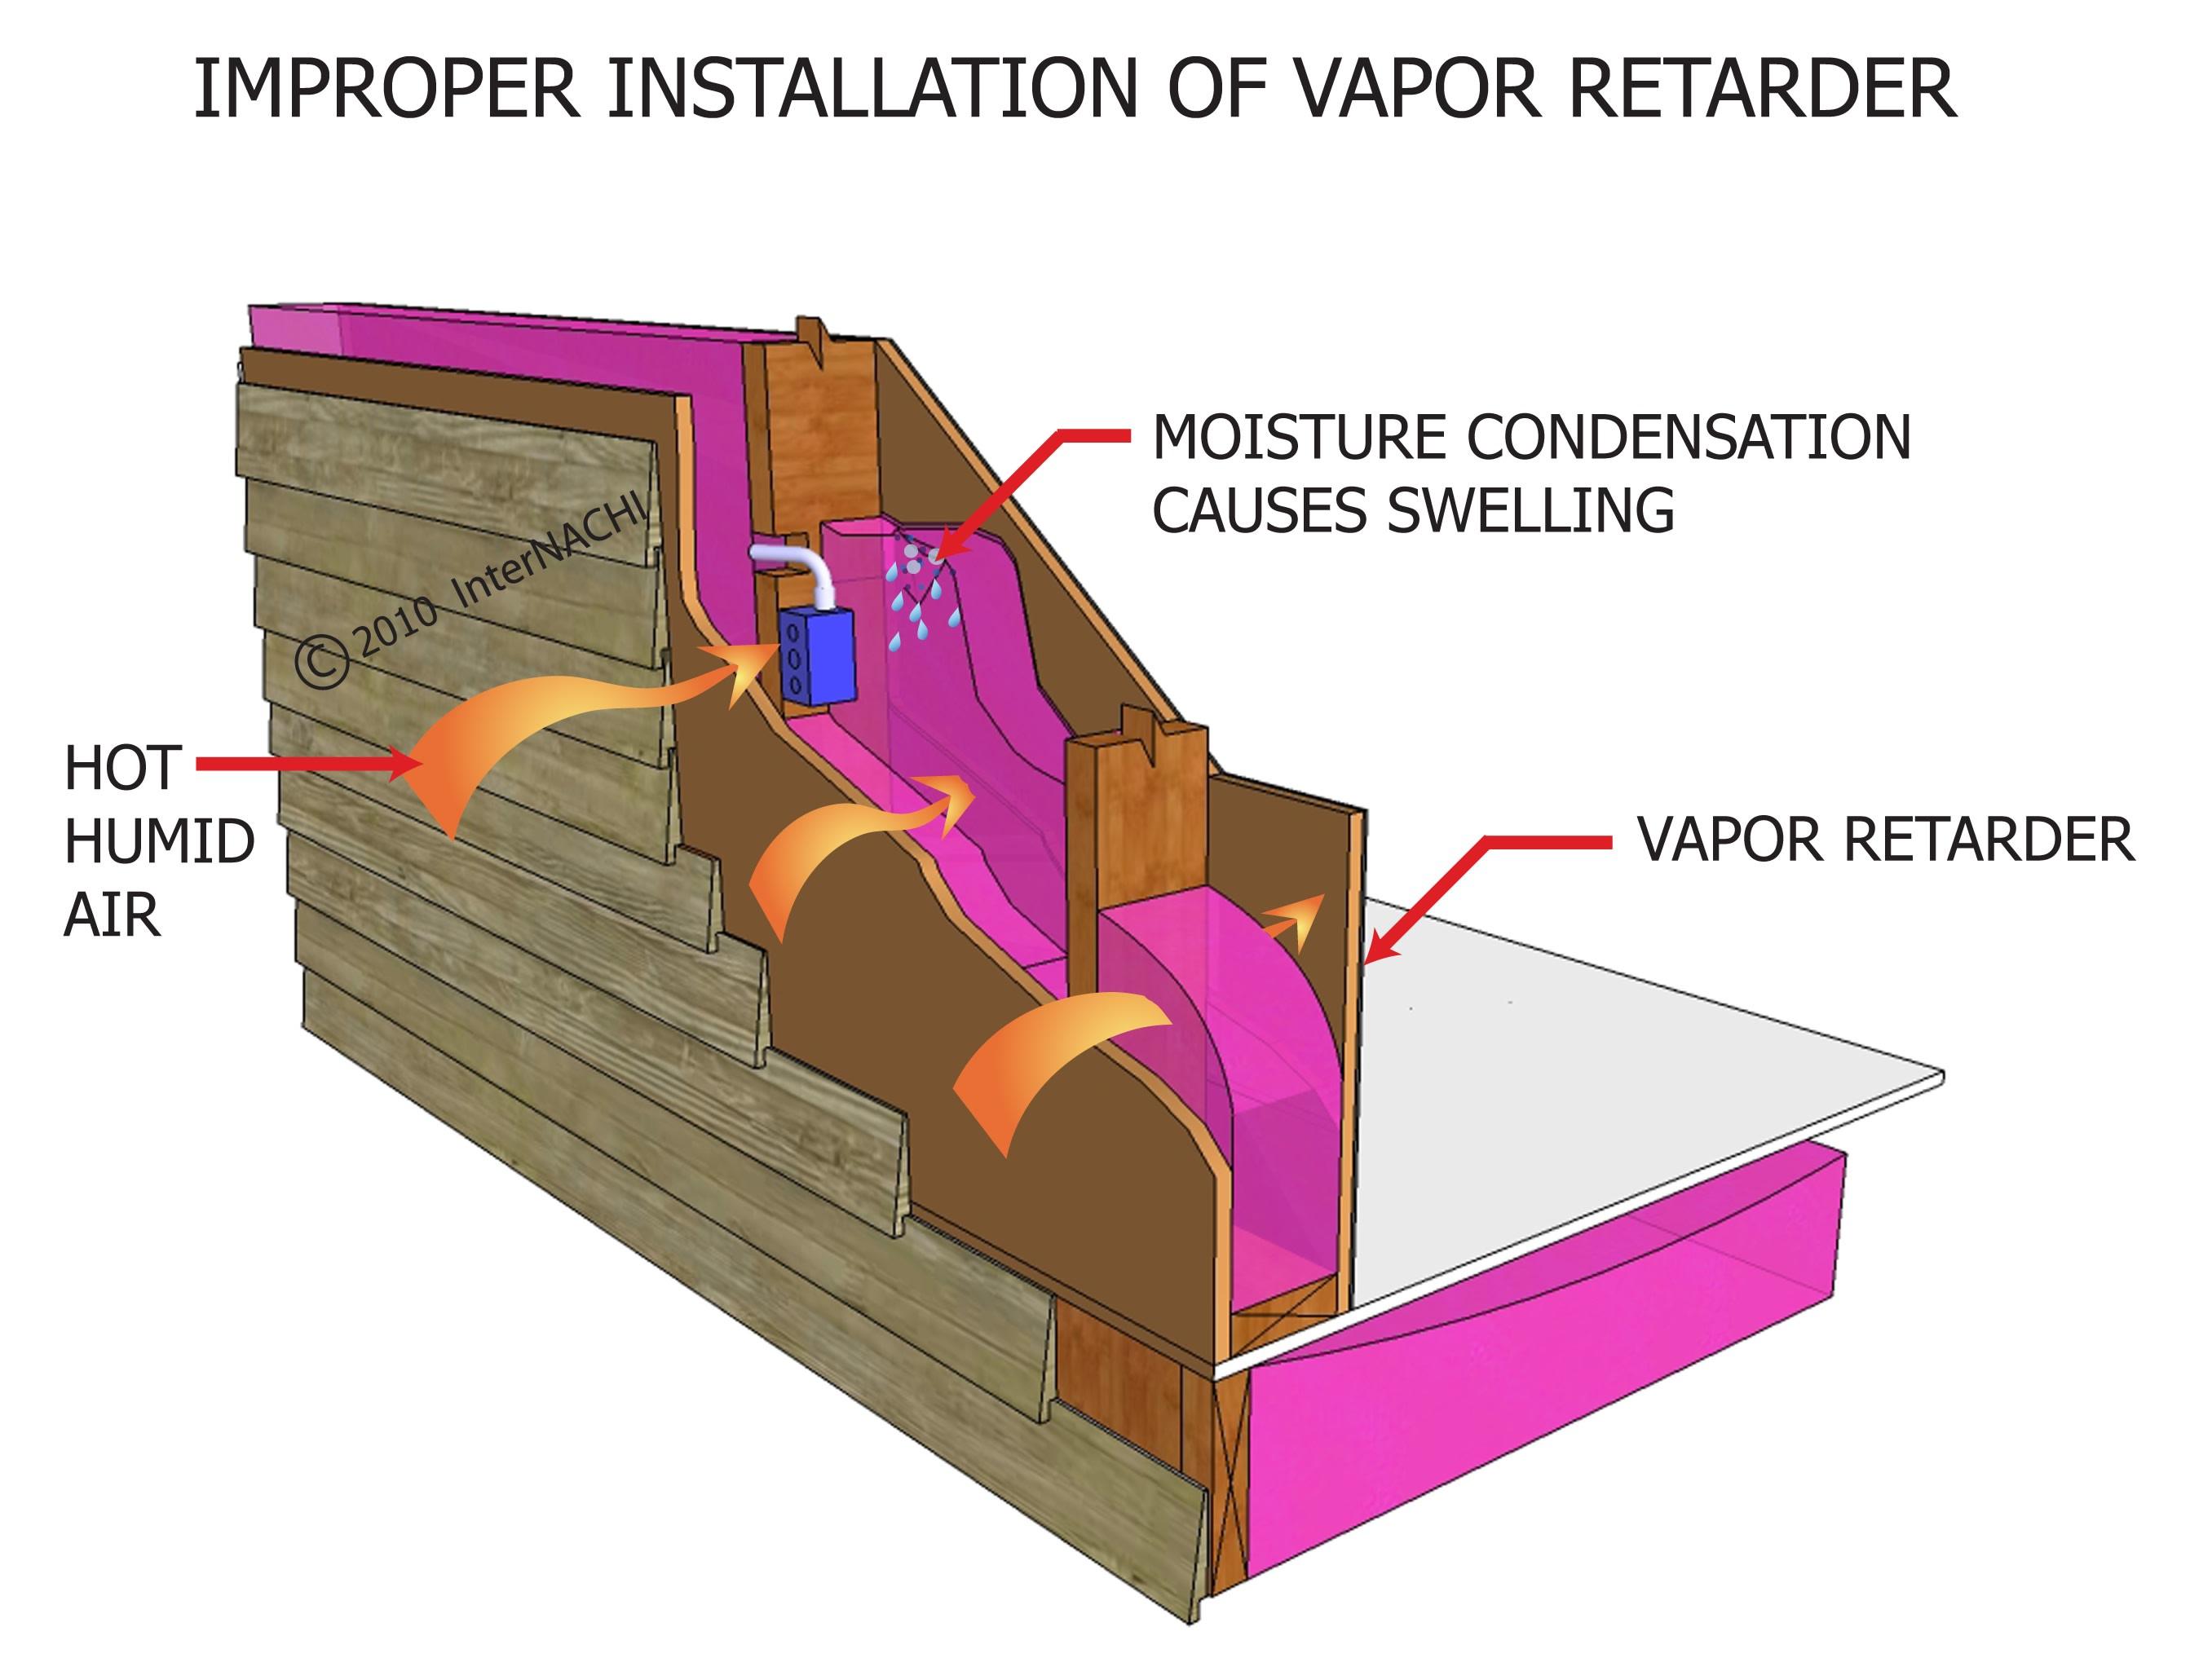 Improper installation of vapor retarder.